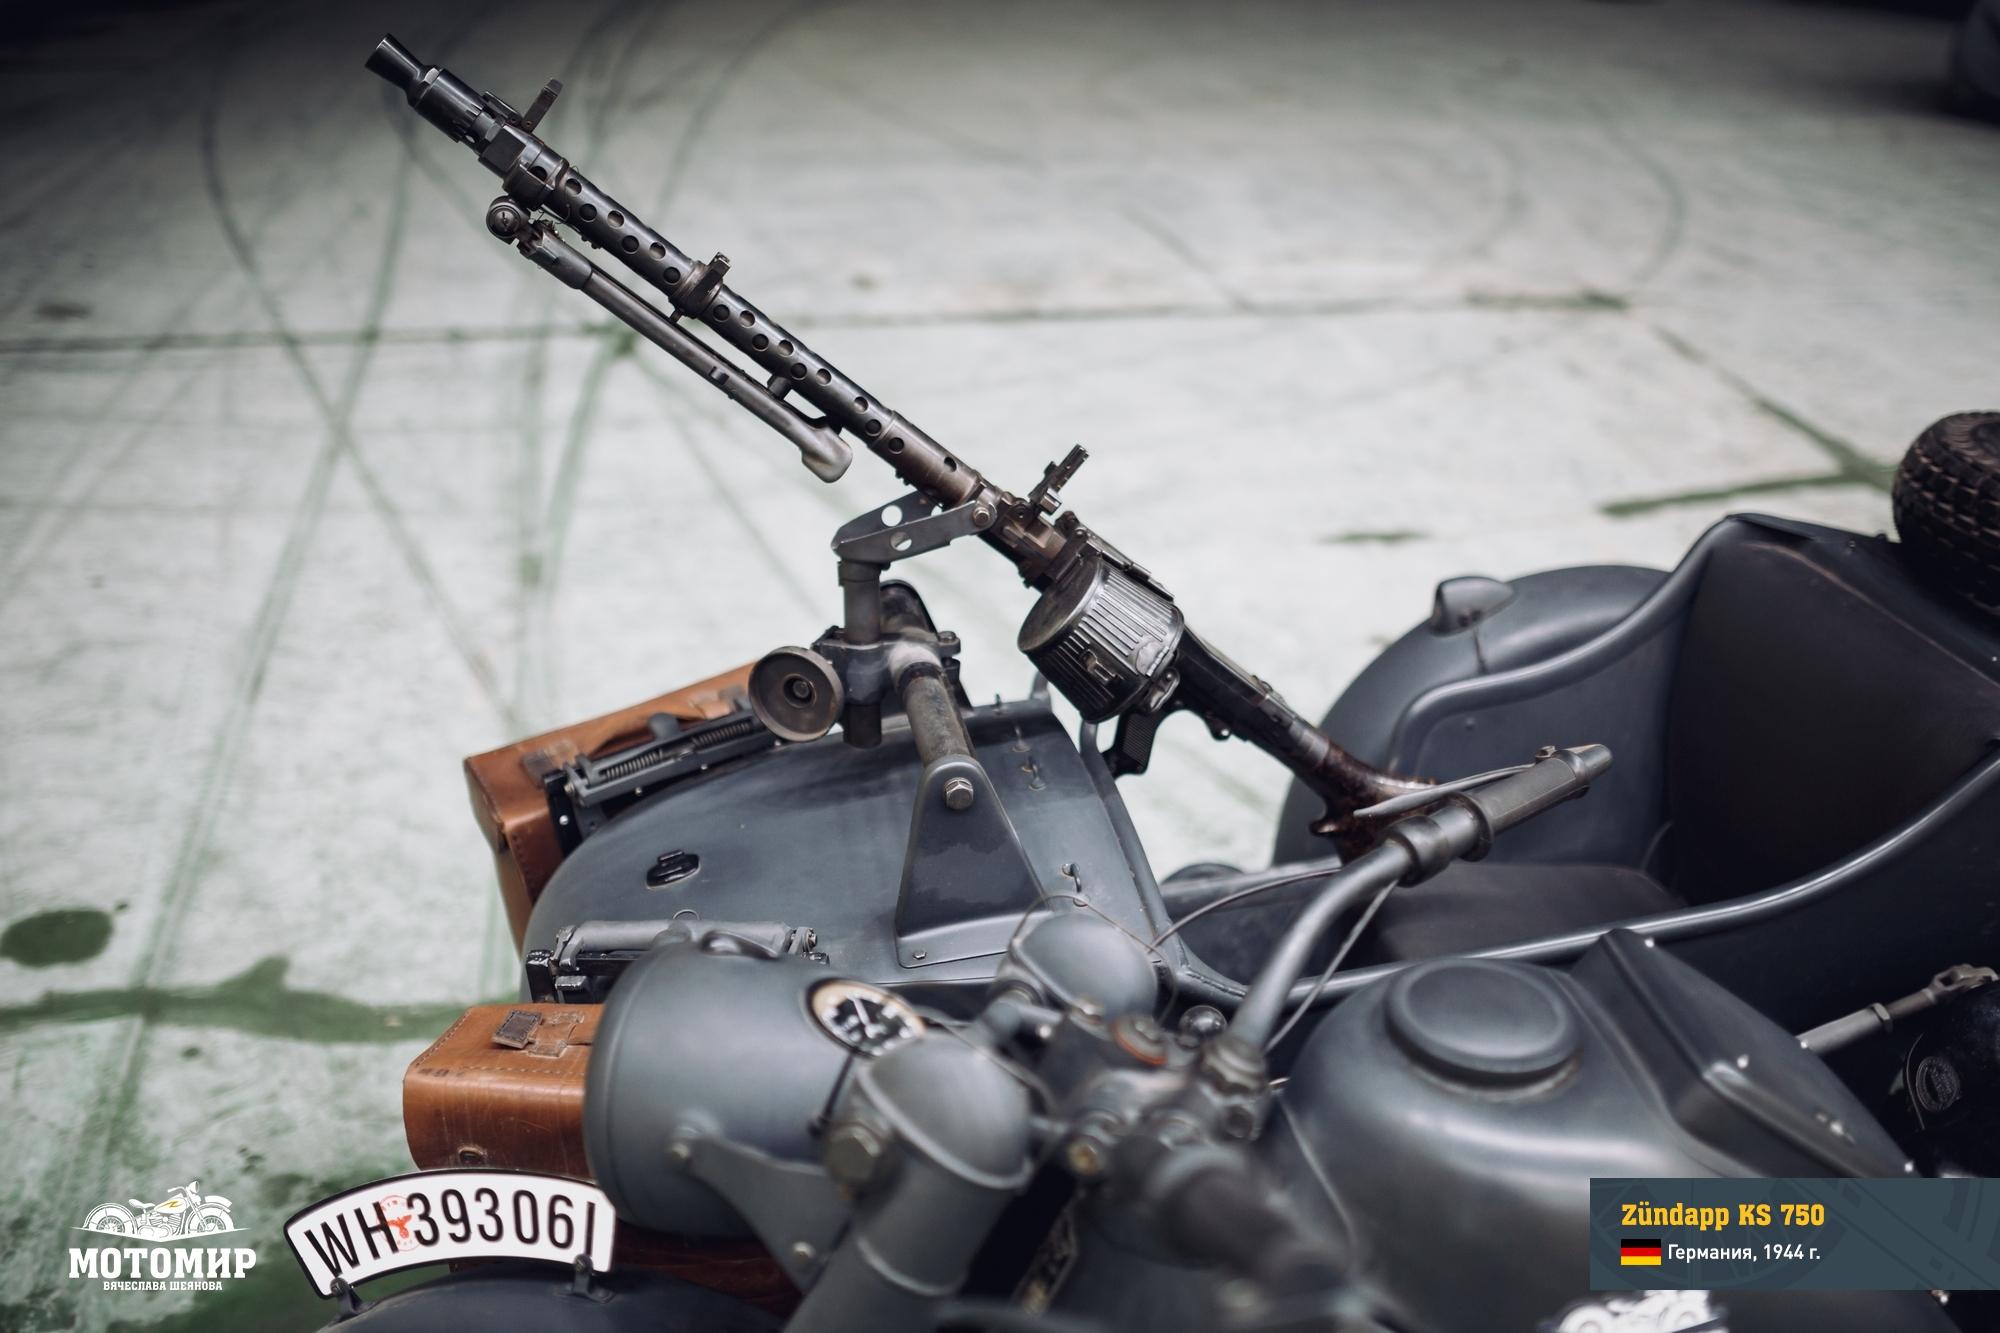 zundapp-ks750-201503-web-35